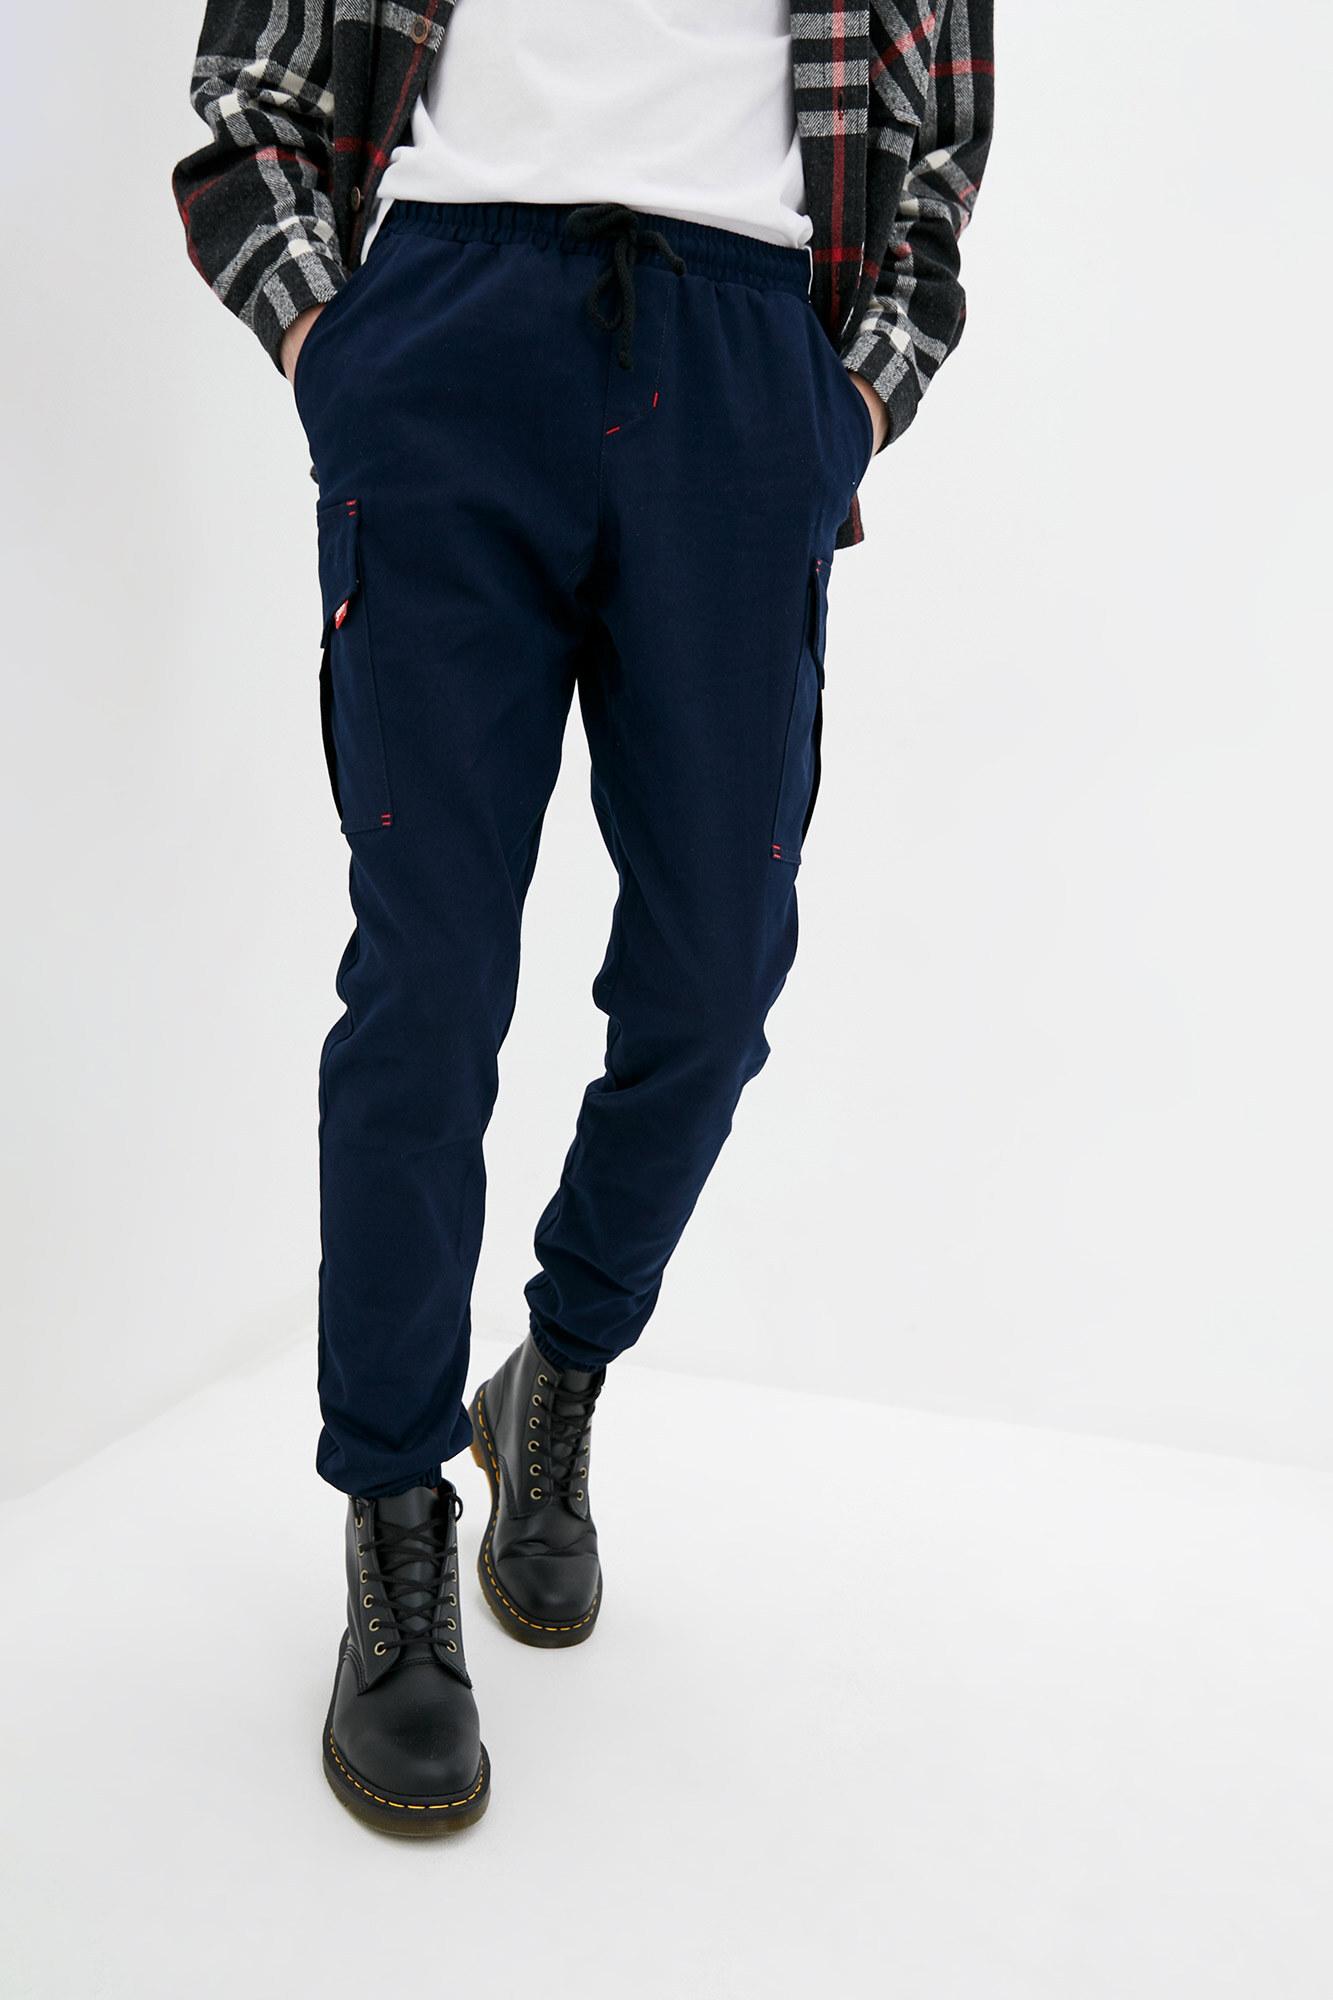 Синие джинсовые штаны карго на манжетах